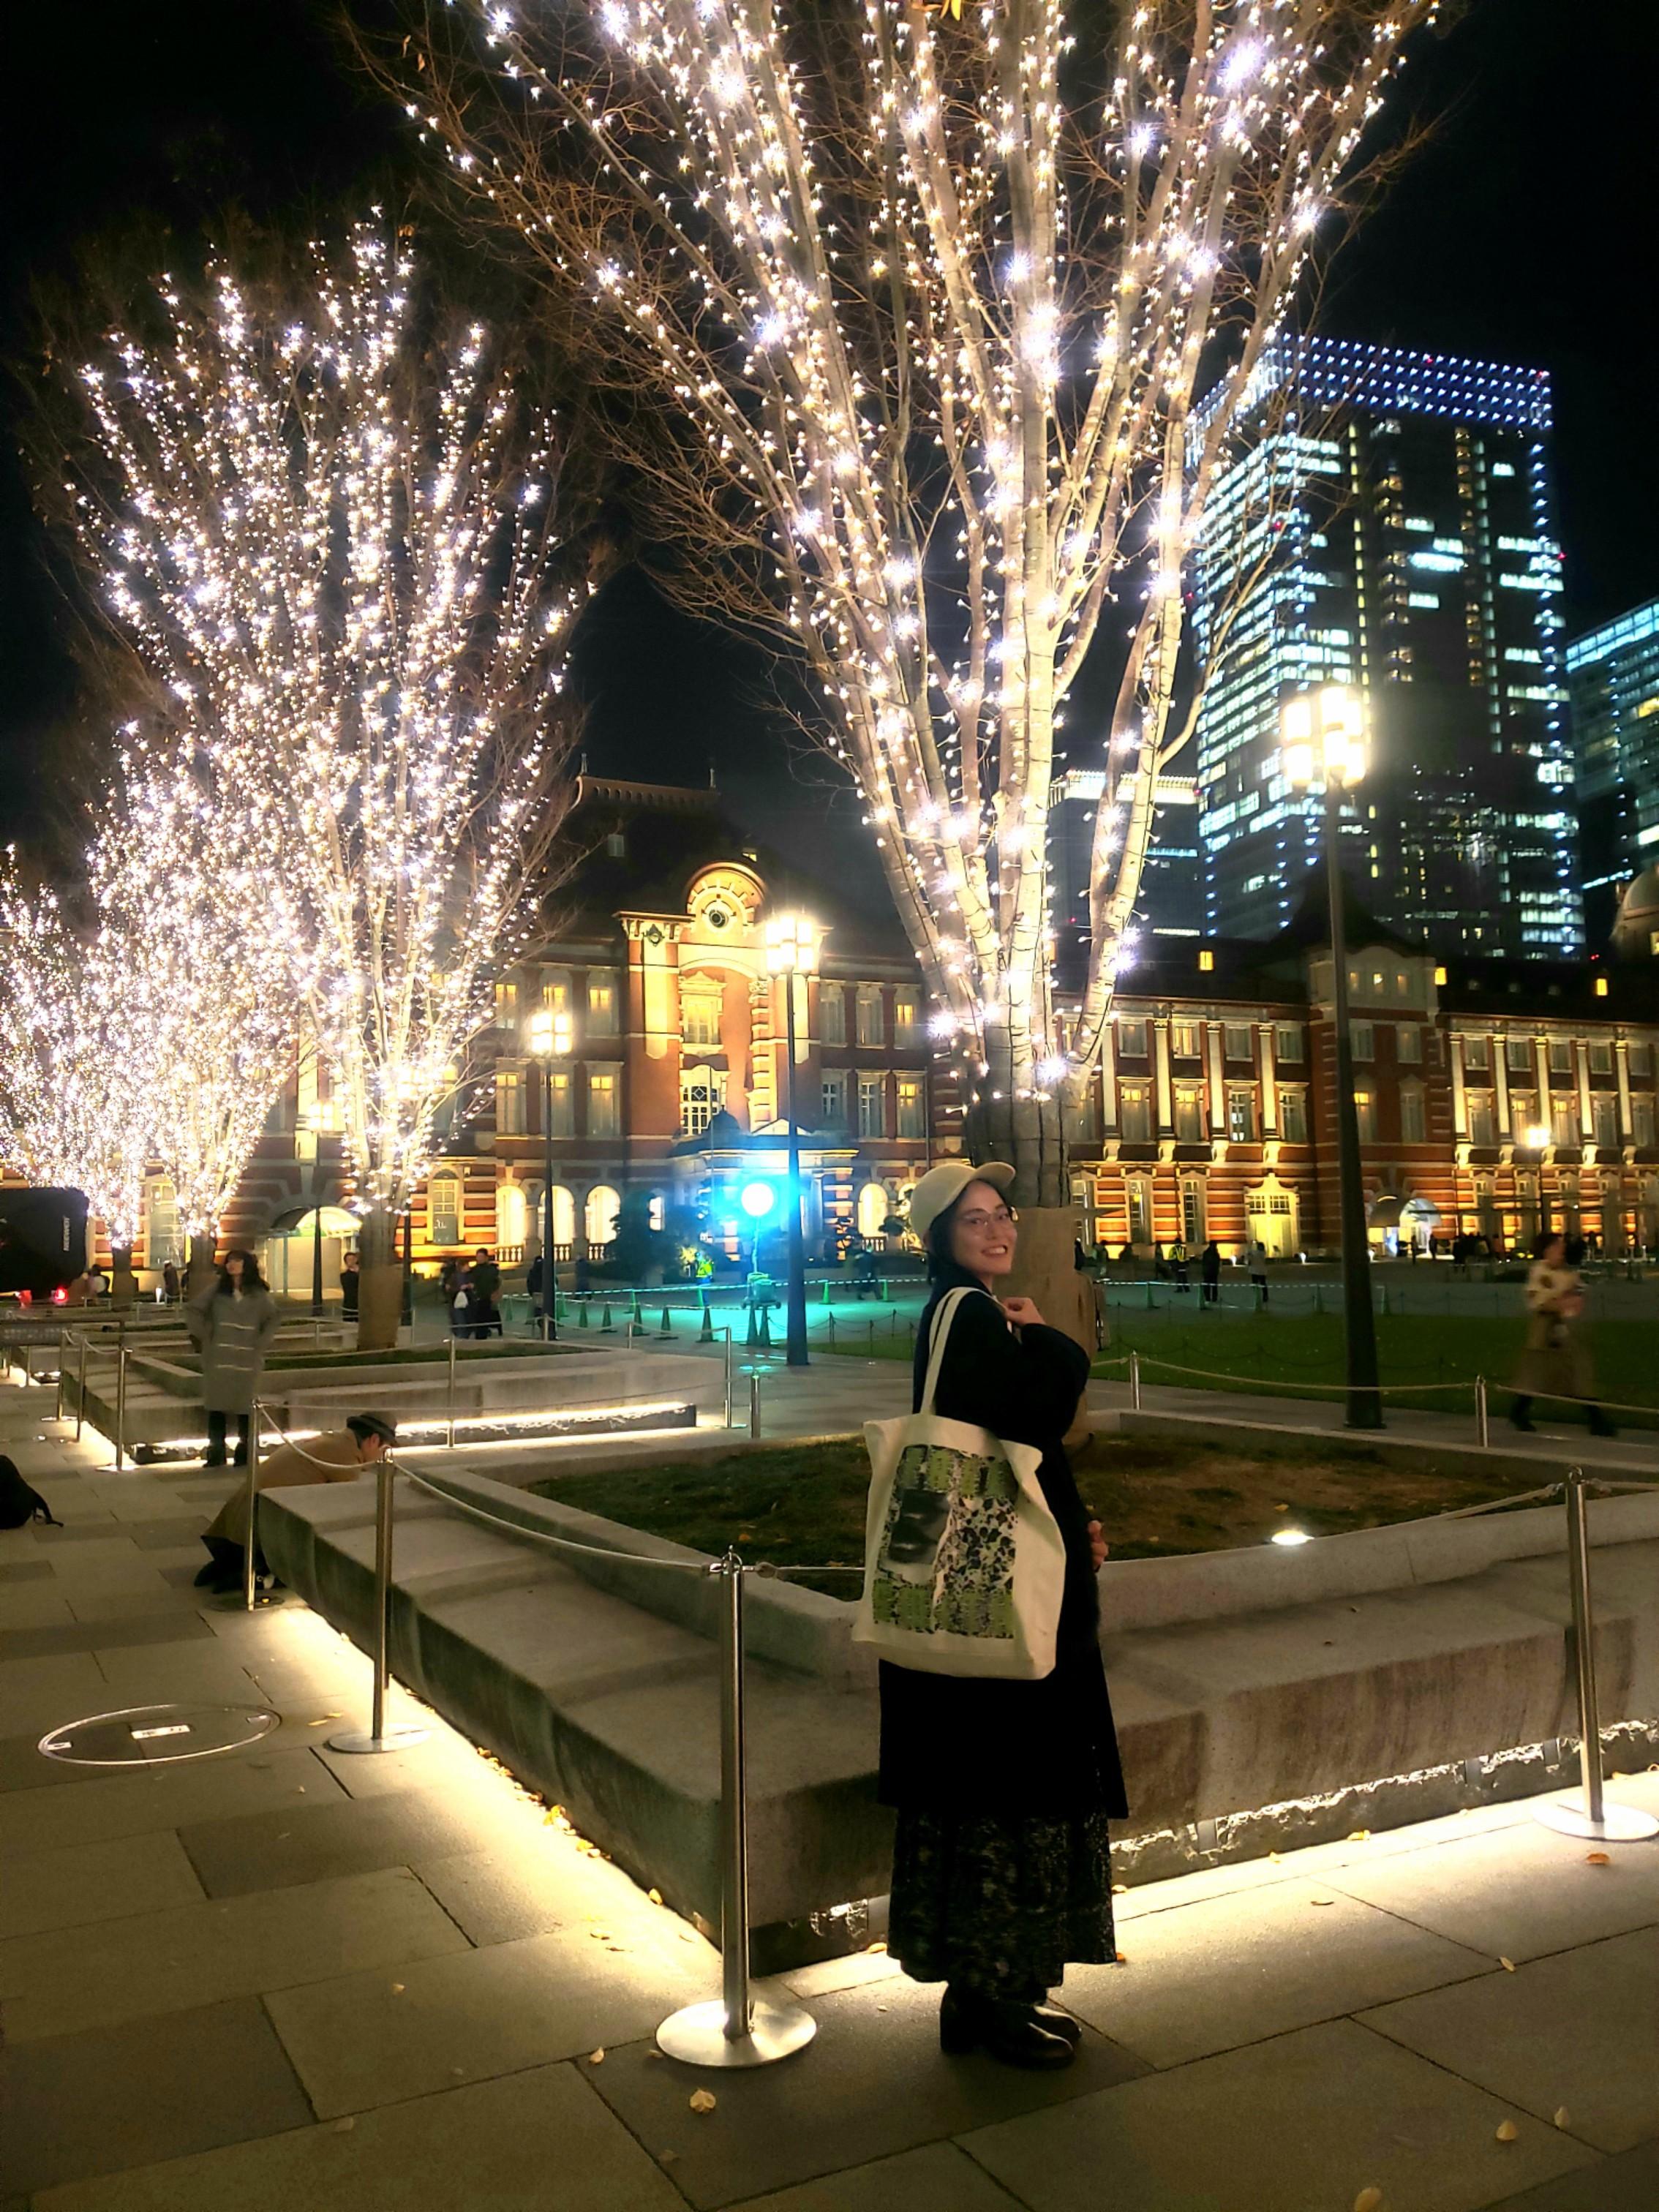 【丸ノ内】街全体がキラキラ☆観ごたえ抜群!ロマンチックイルミネーション★_1